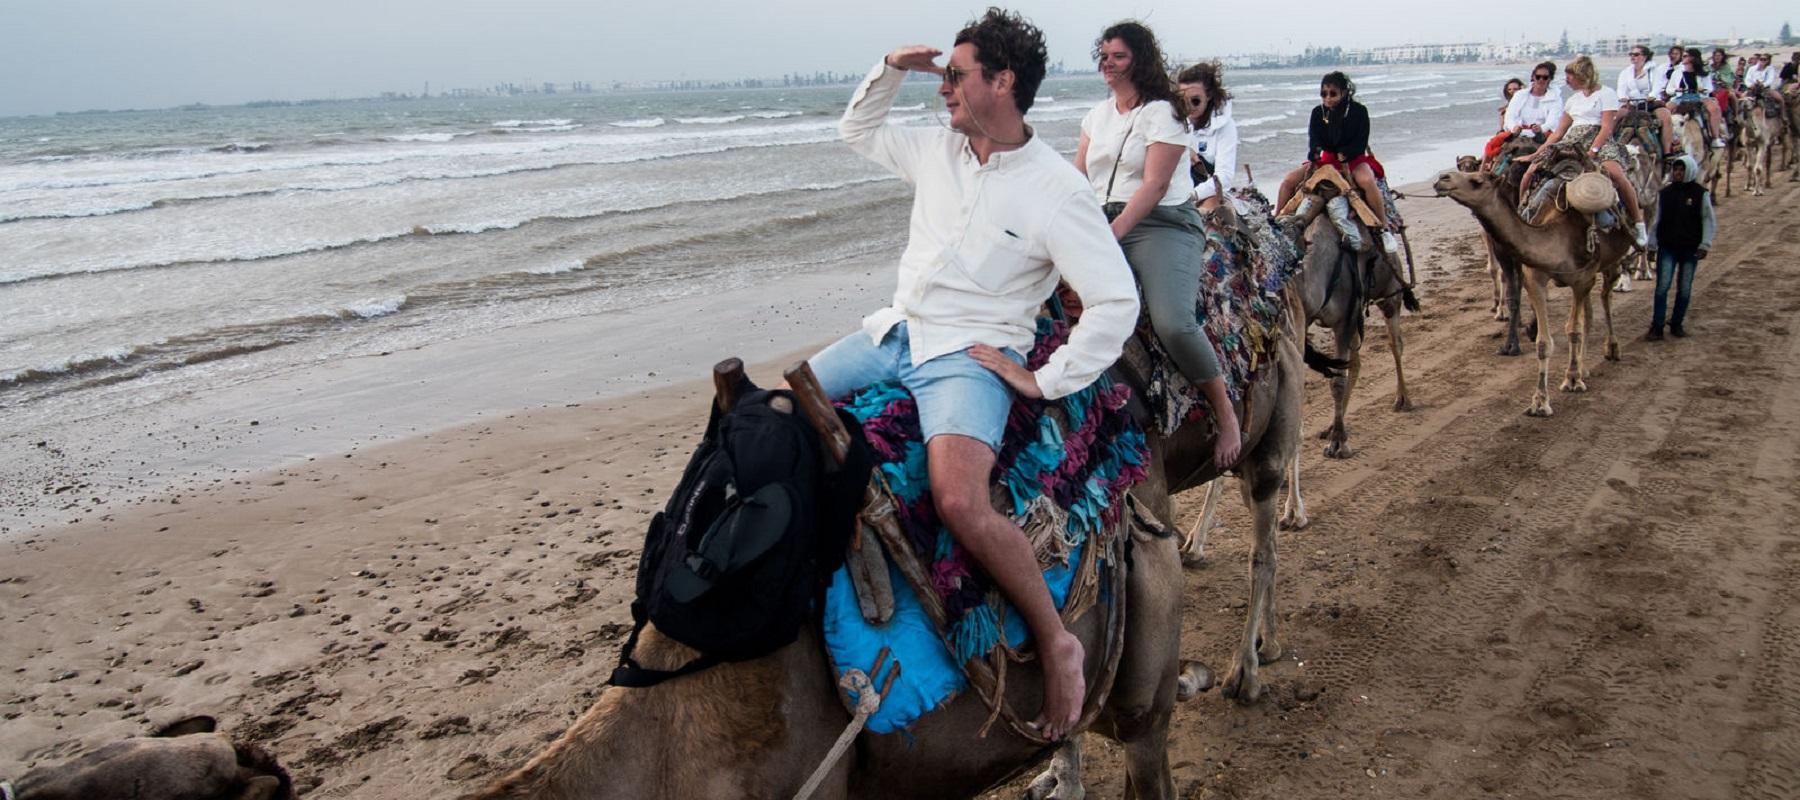 kameelrijden strand Marokko